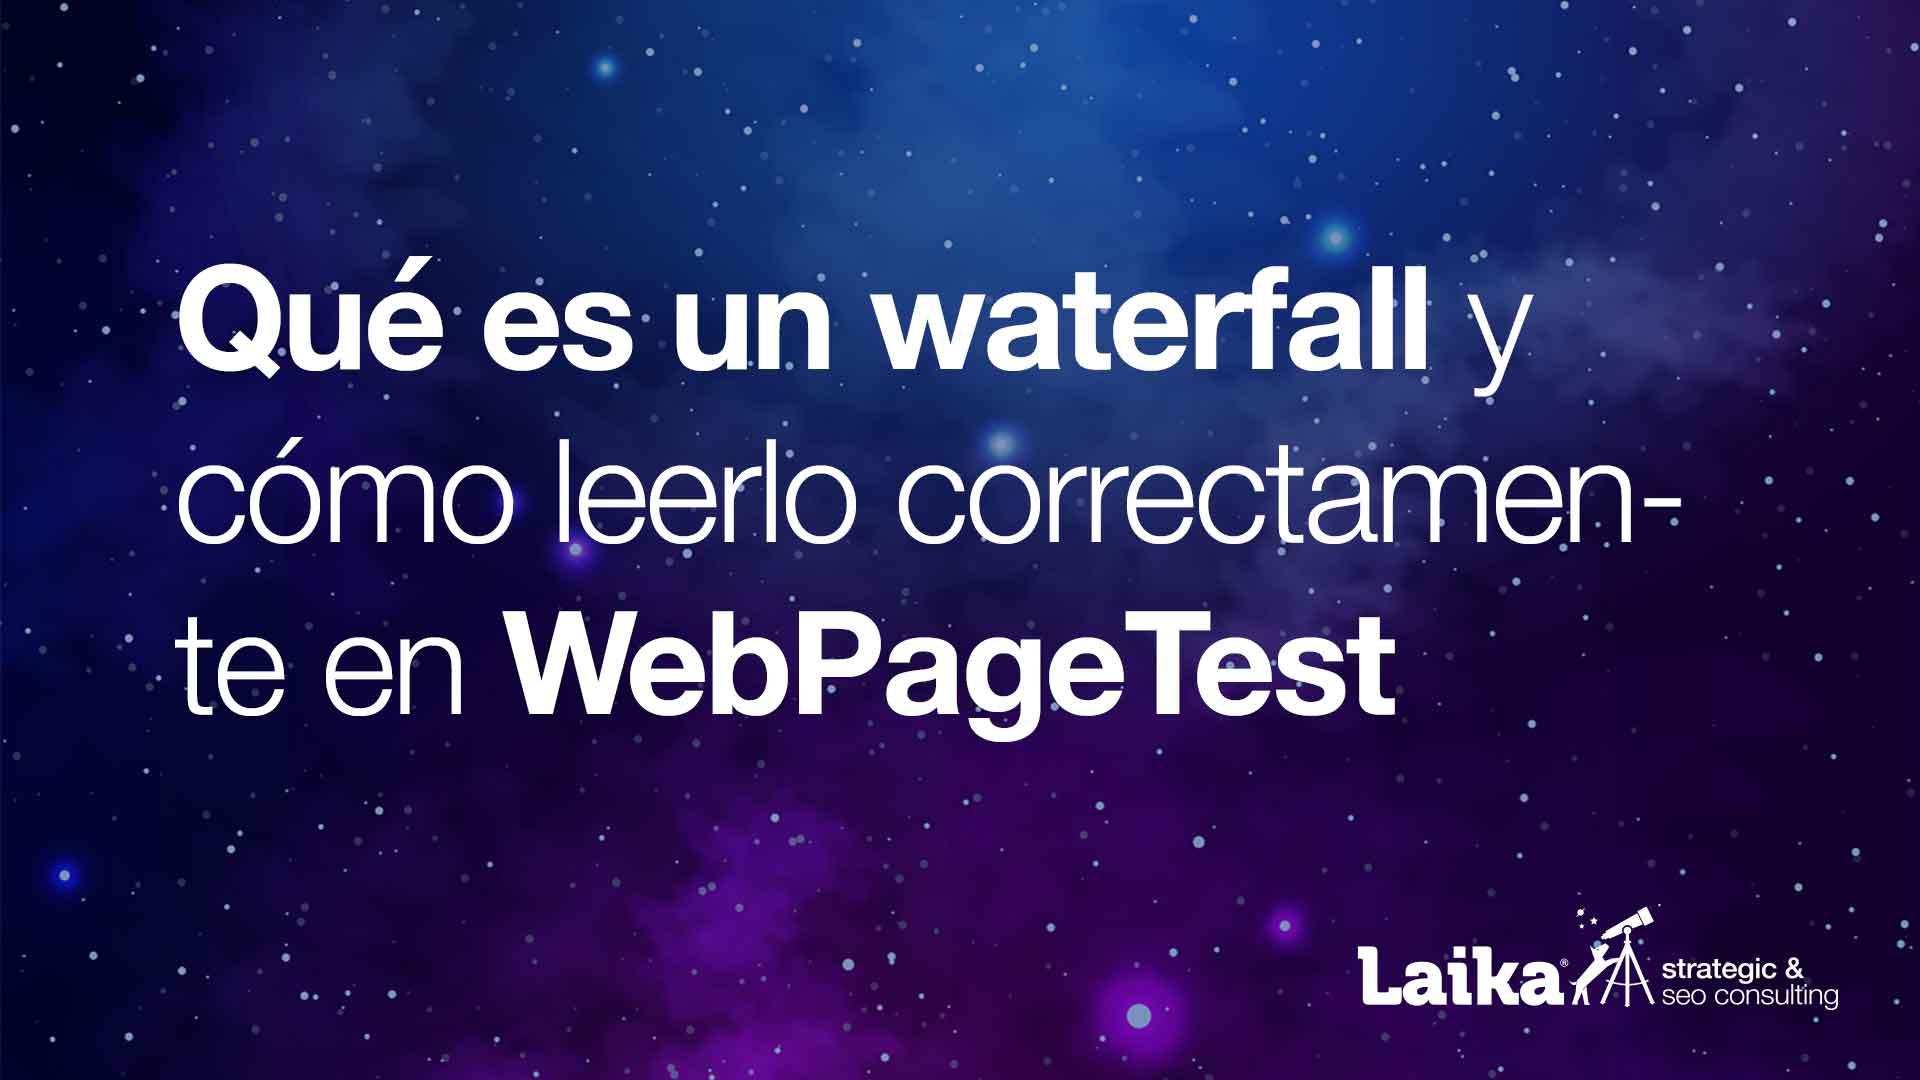 Qué es un waterfall y cómo leerlo correctamente en Webpagetest